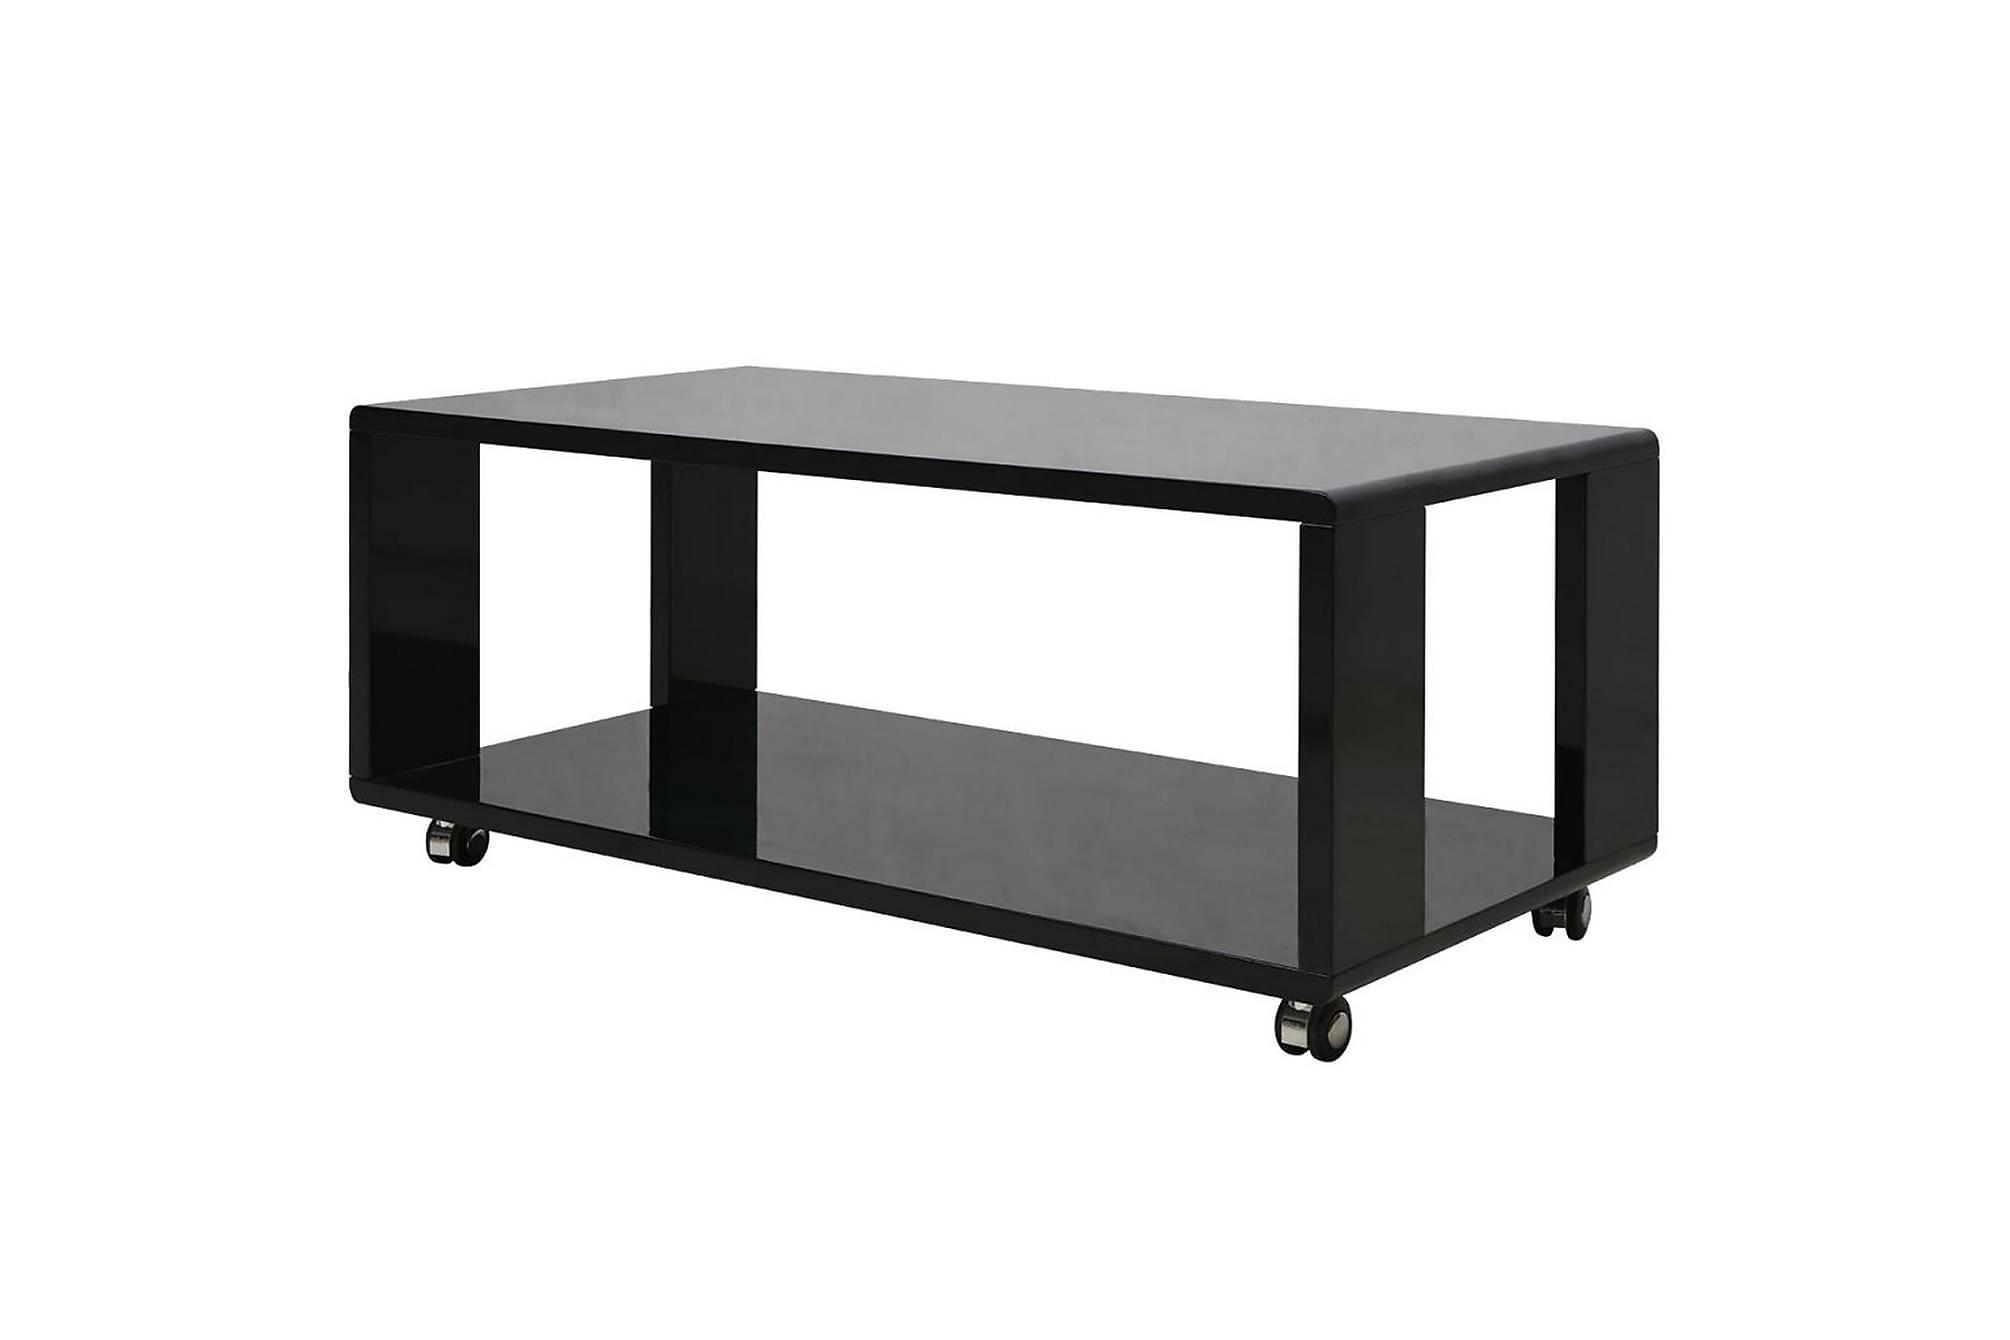 Soffbord svart högglans